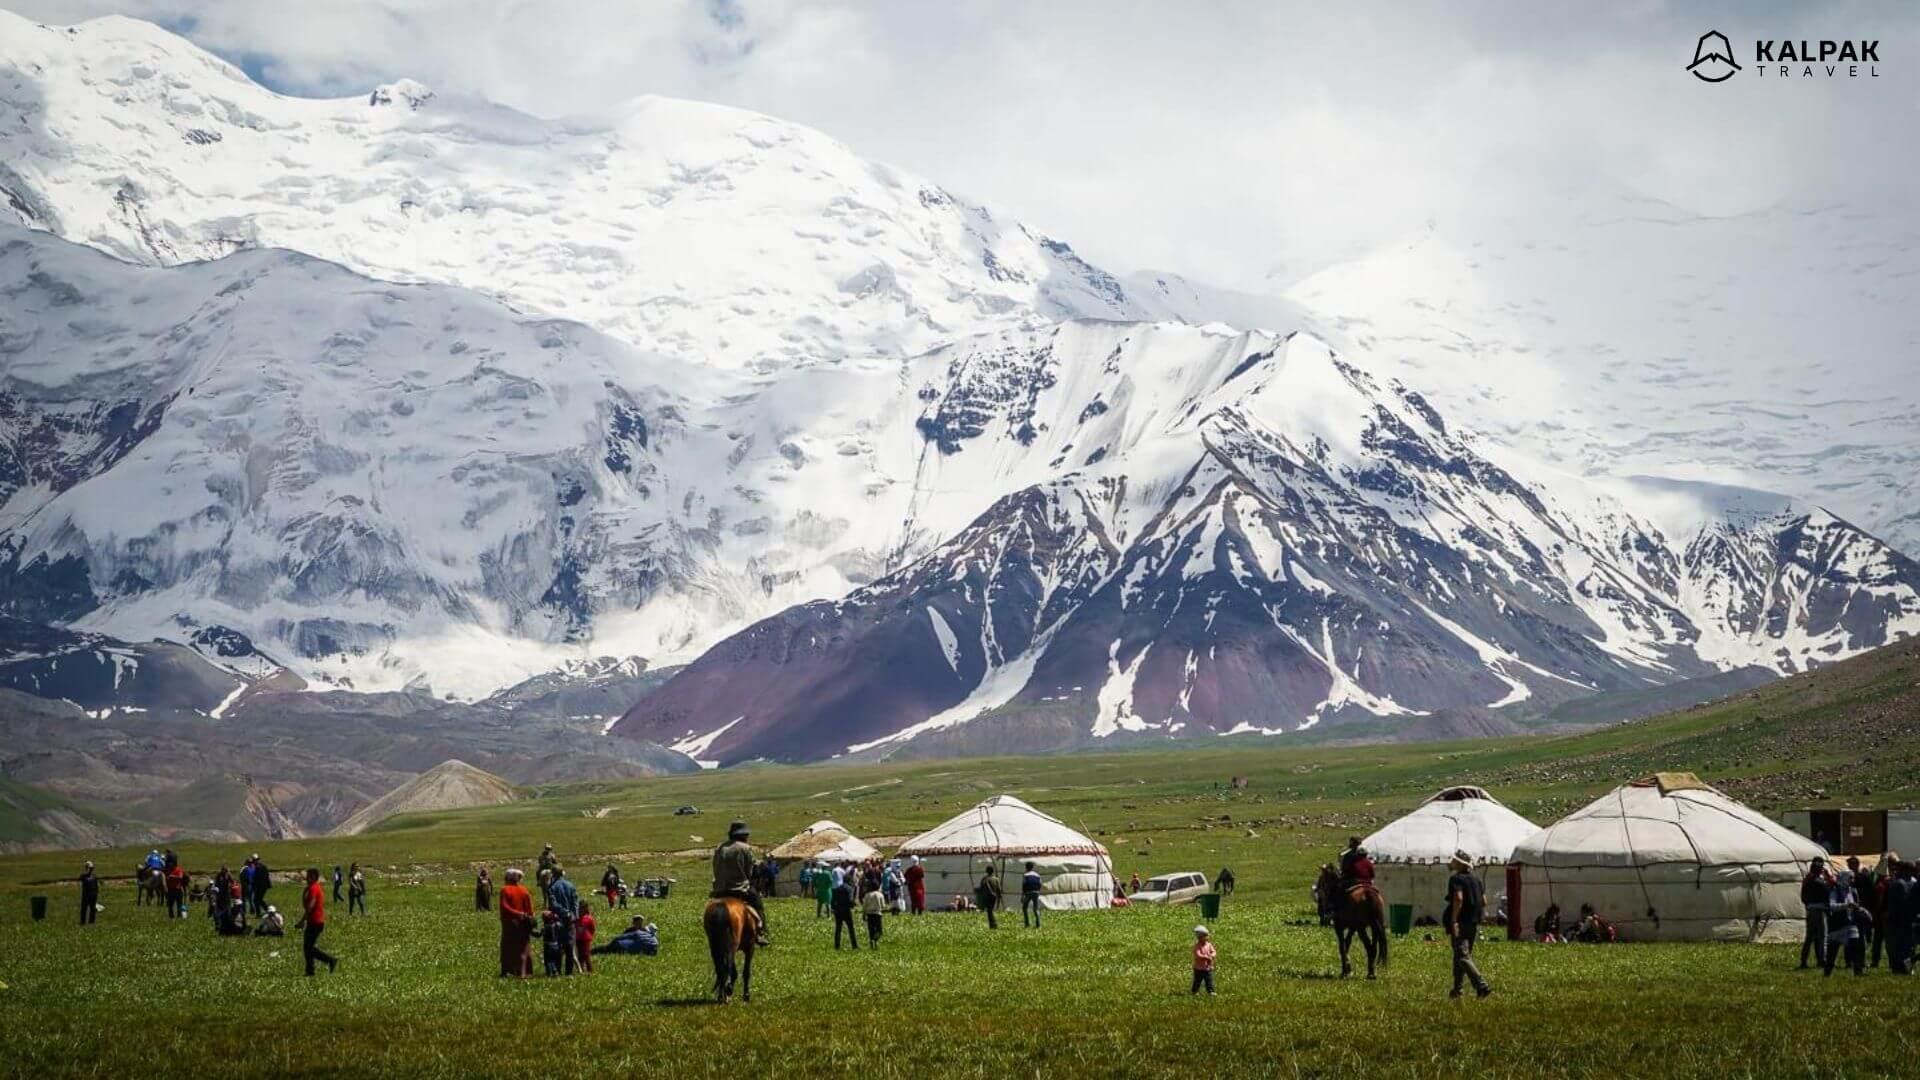 Zentralasien Natur, Gebirge und Yurten